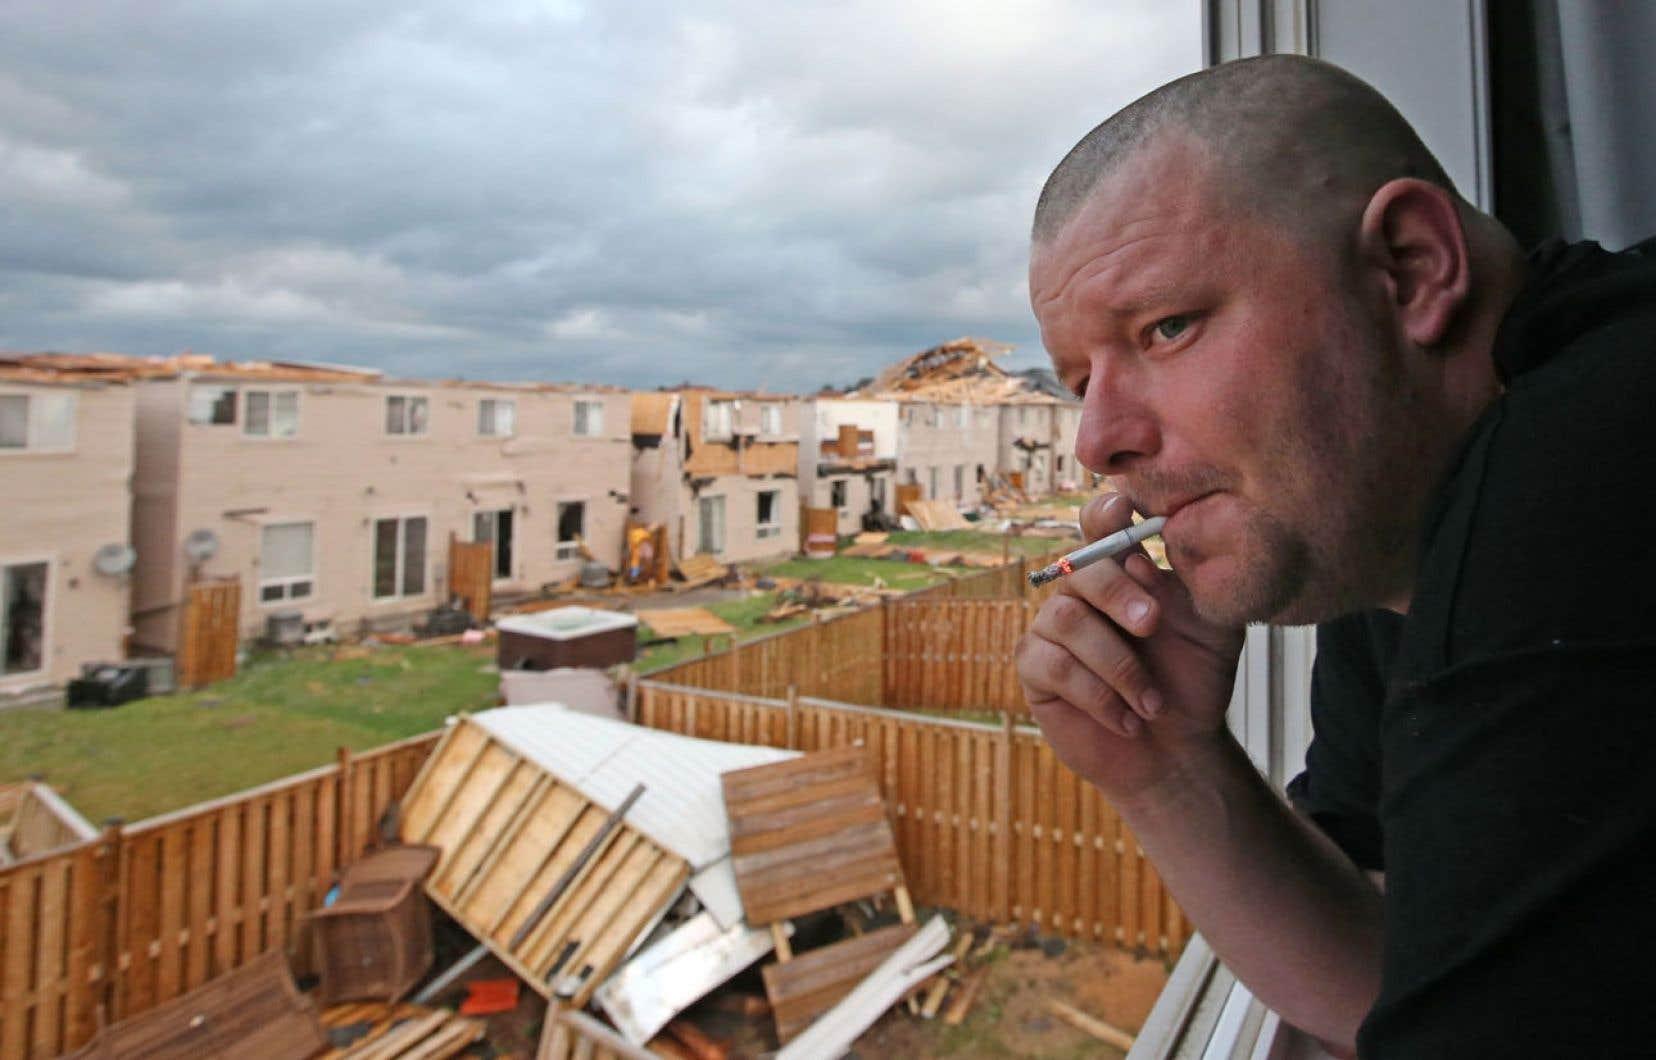 Un résident de Angus observe les dégâts causés aux résidences de ses voisins par une violente tempête, mardi.